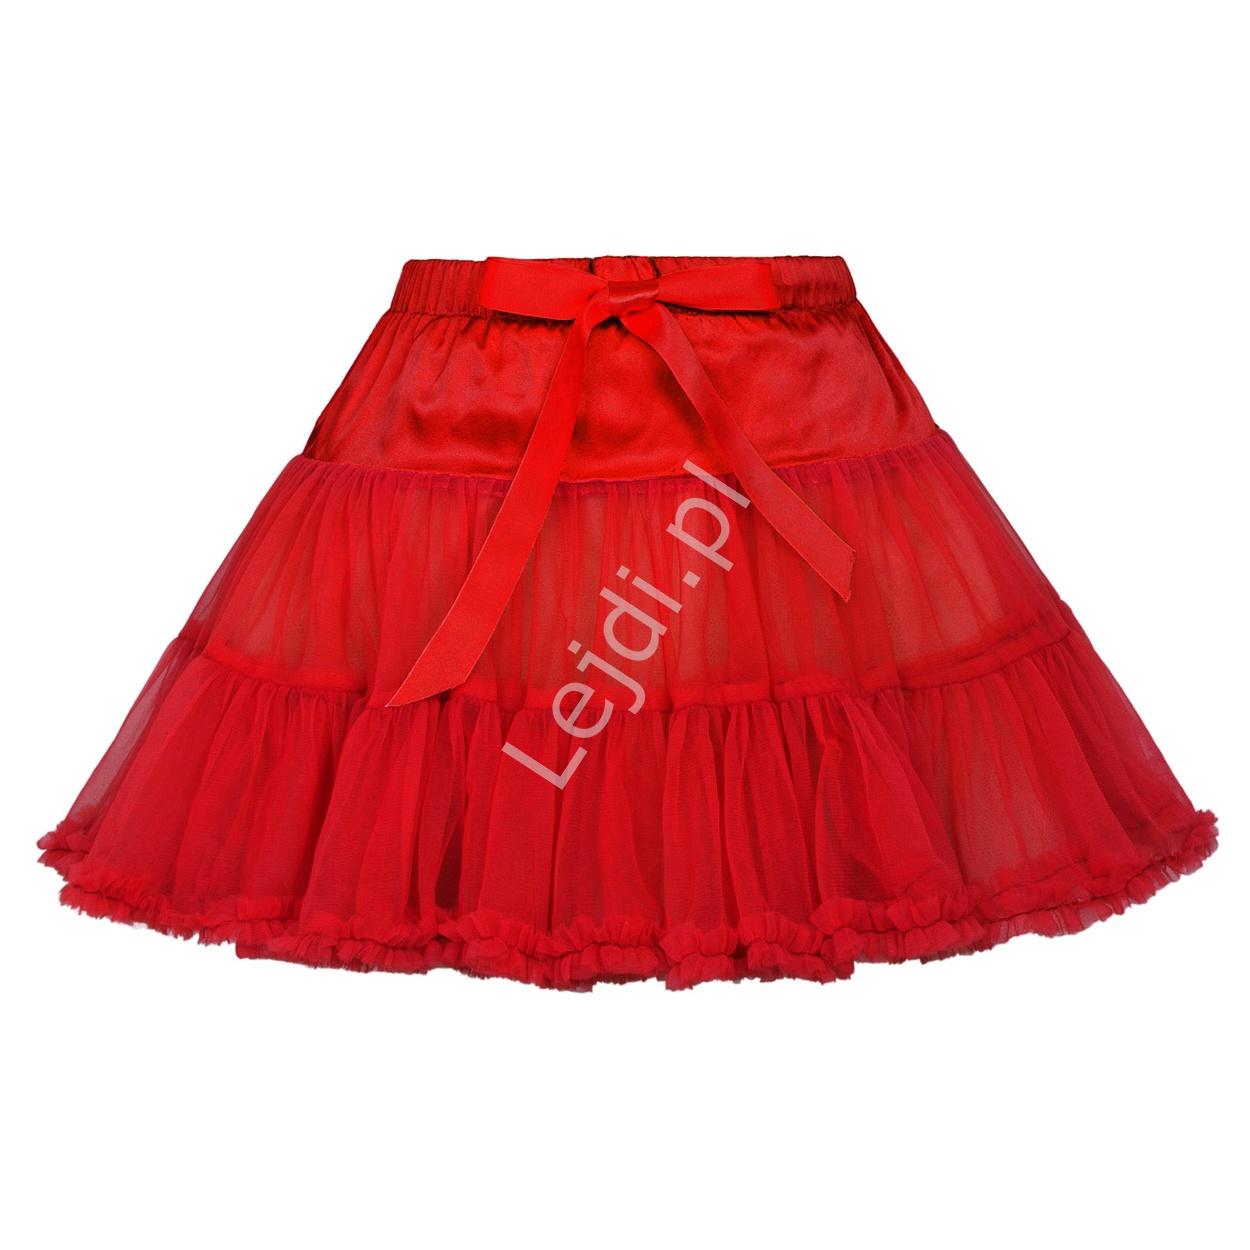 6599d44d Czerwona halka dziecięca, spódnica tutu skirt, czerwone spódniczki ...